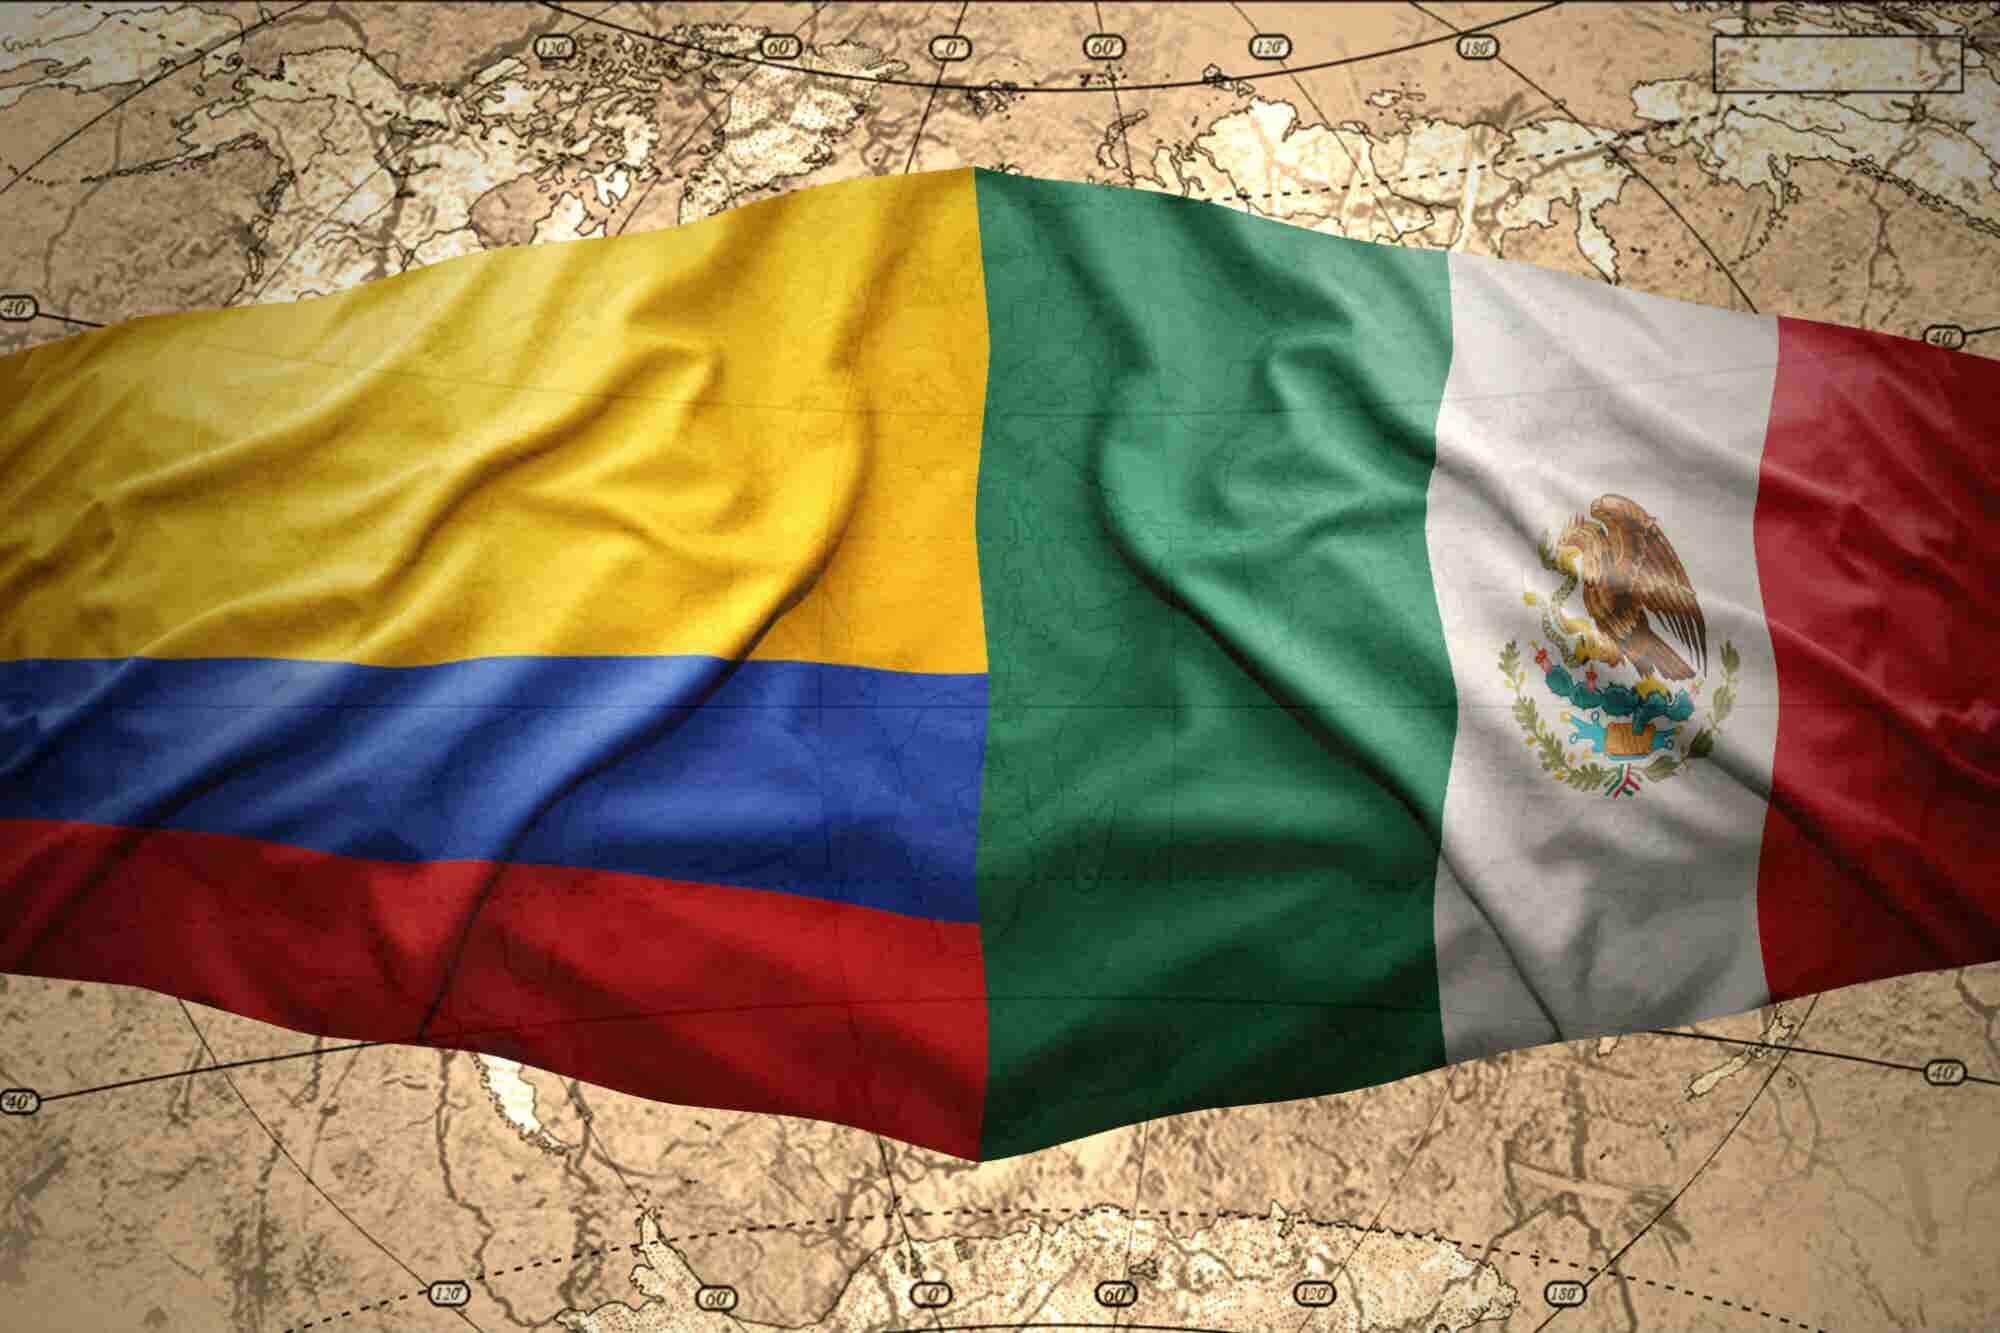 México y Colombia pelean contra la corrupción, ¿quién ganará?